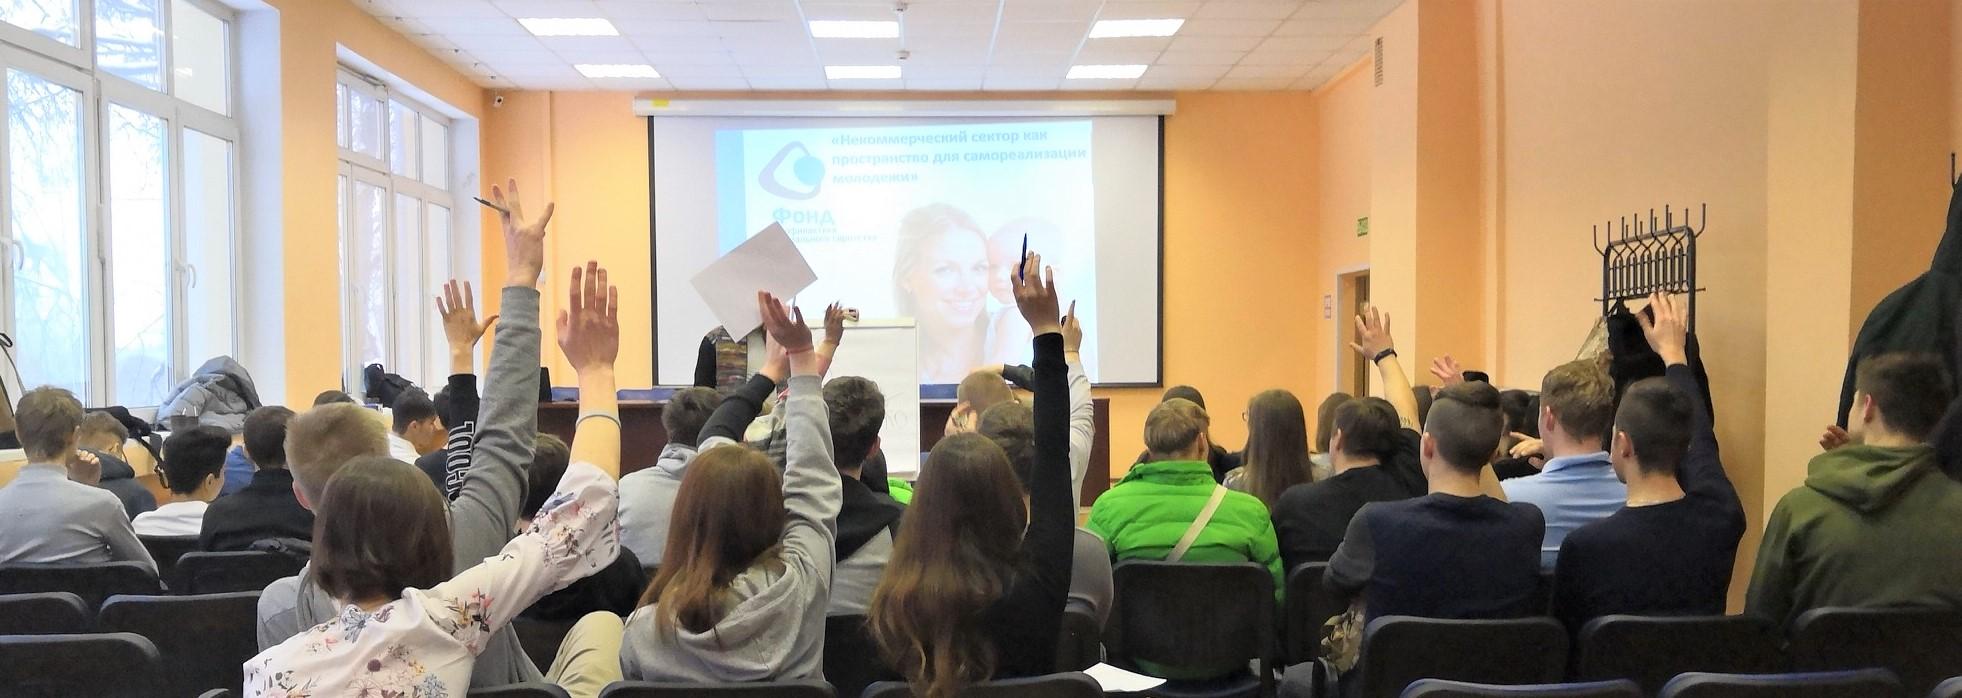 Установочный семинар для студентов ГБПОУ «Московский государственный образовательный комплекс»